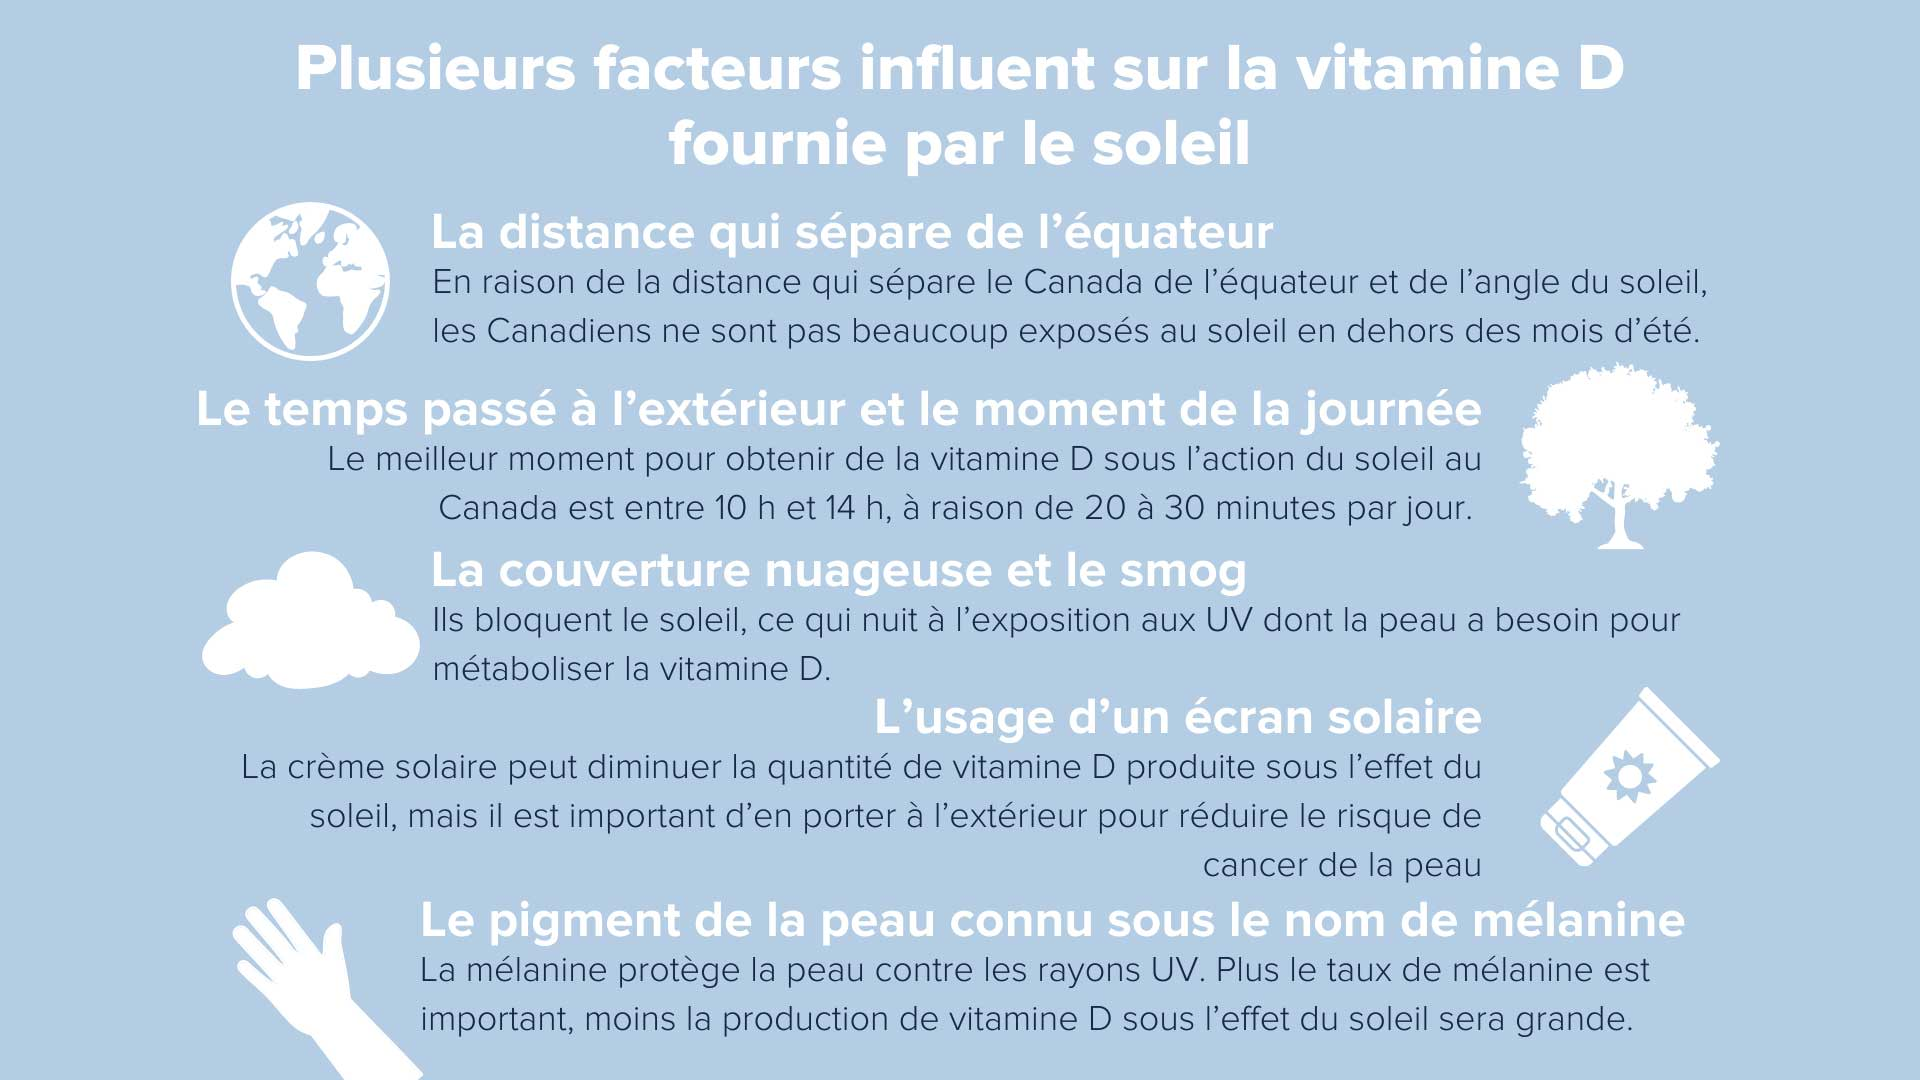 Infographie sur les facteurs qui affectent l'apport en vitamine D par le soleil